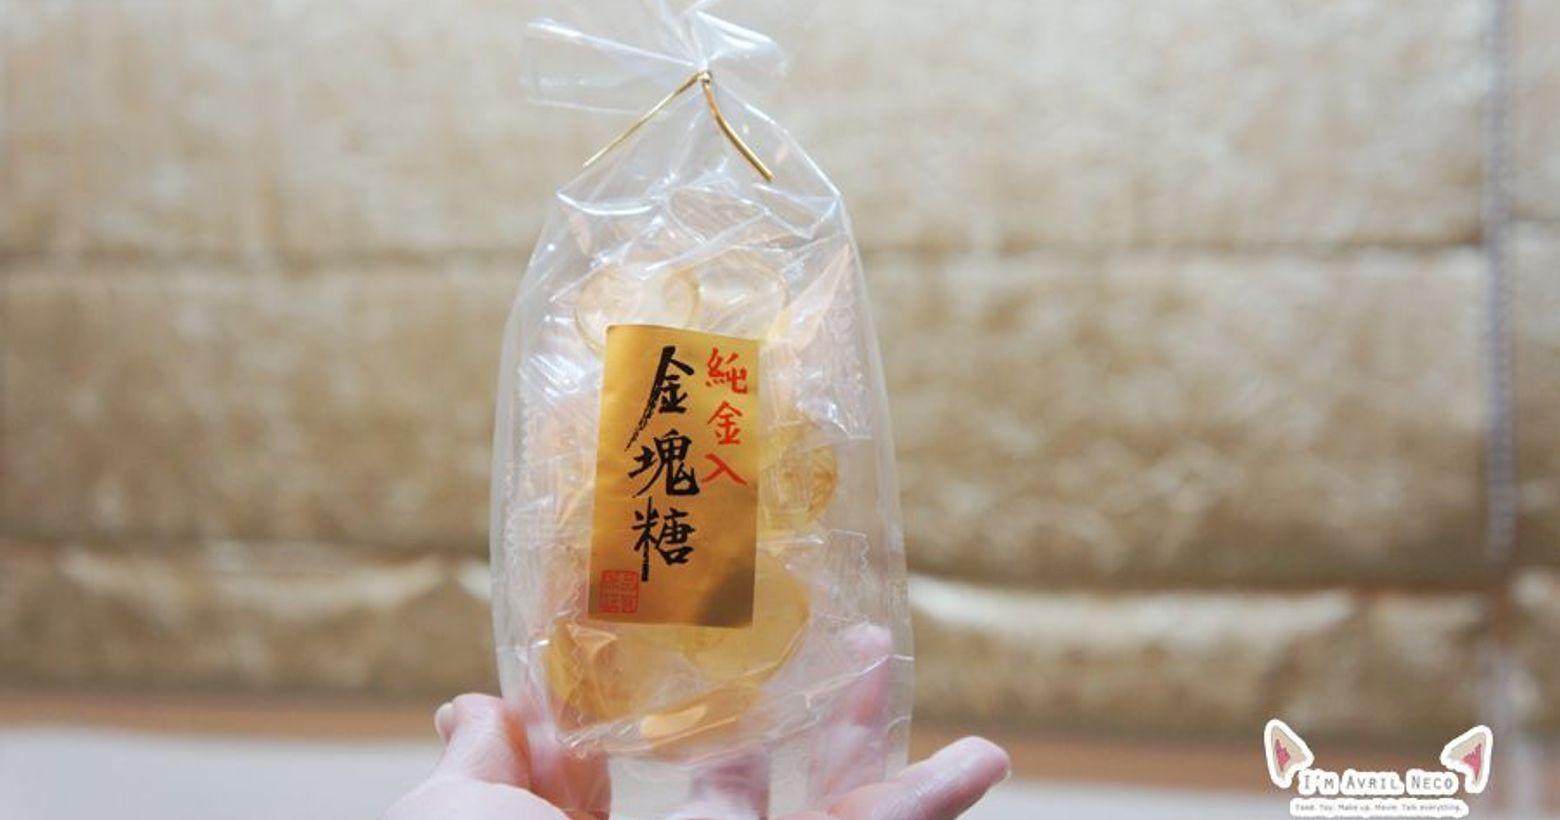 【零食】過年開金運!日本萬年堂 純金箔限量金塊糖過年現在還有人會在家裡擺上一盤零食嗎?記得小時候每年